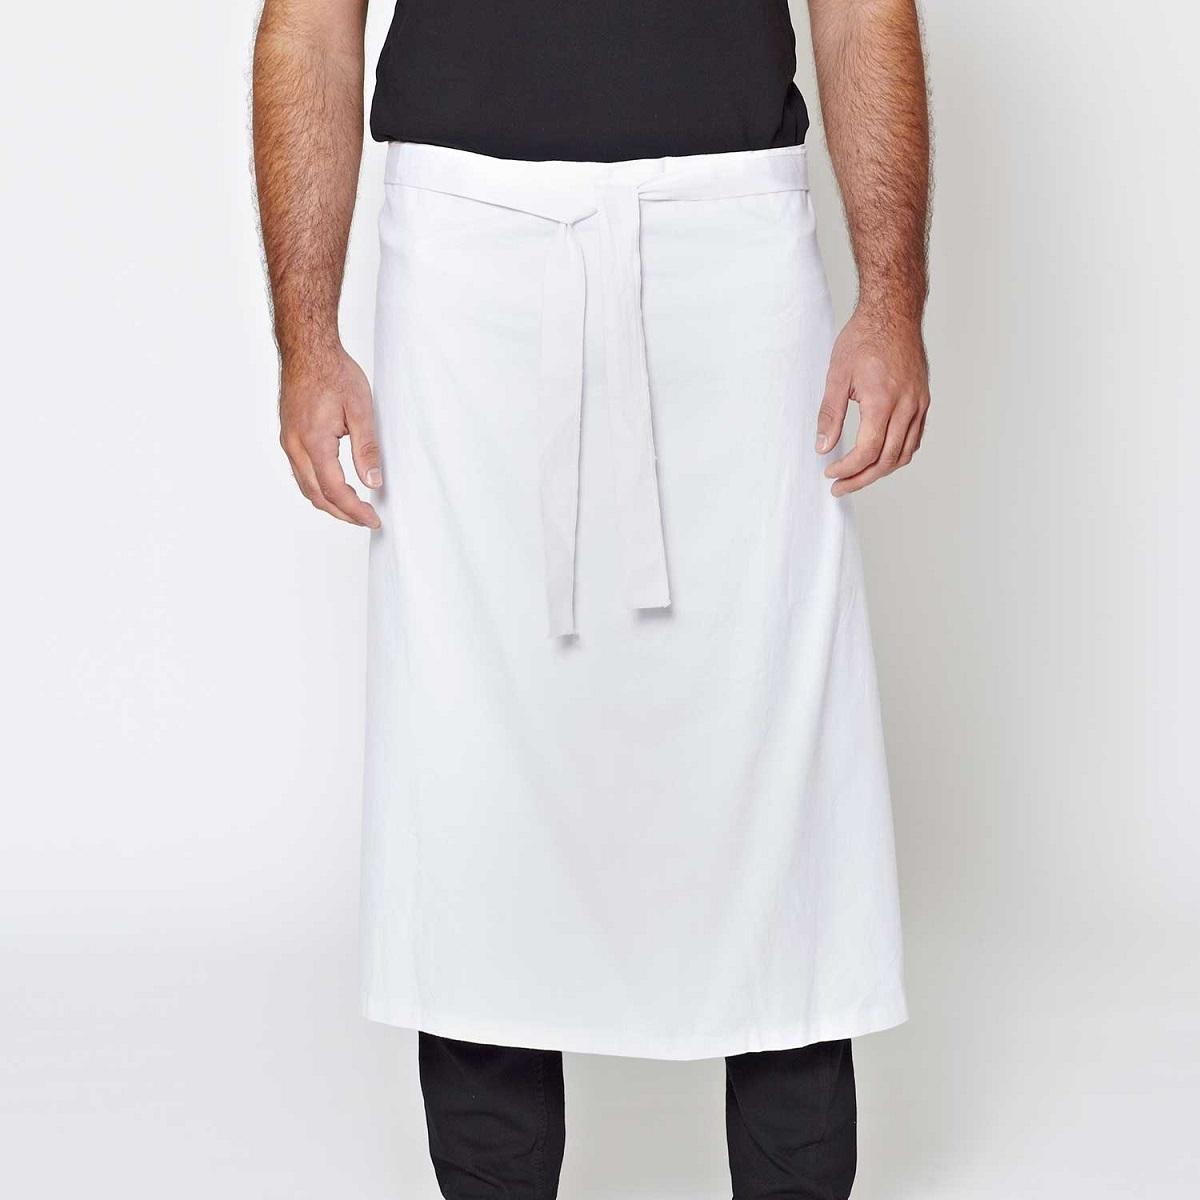 white-apron-1.jpg